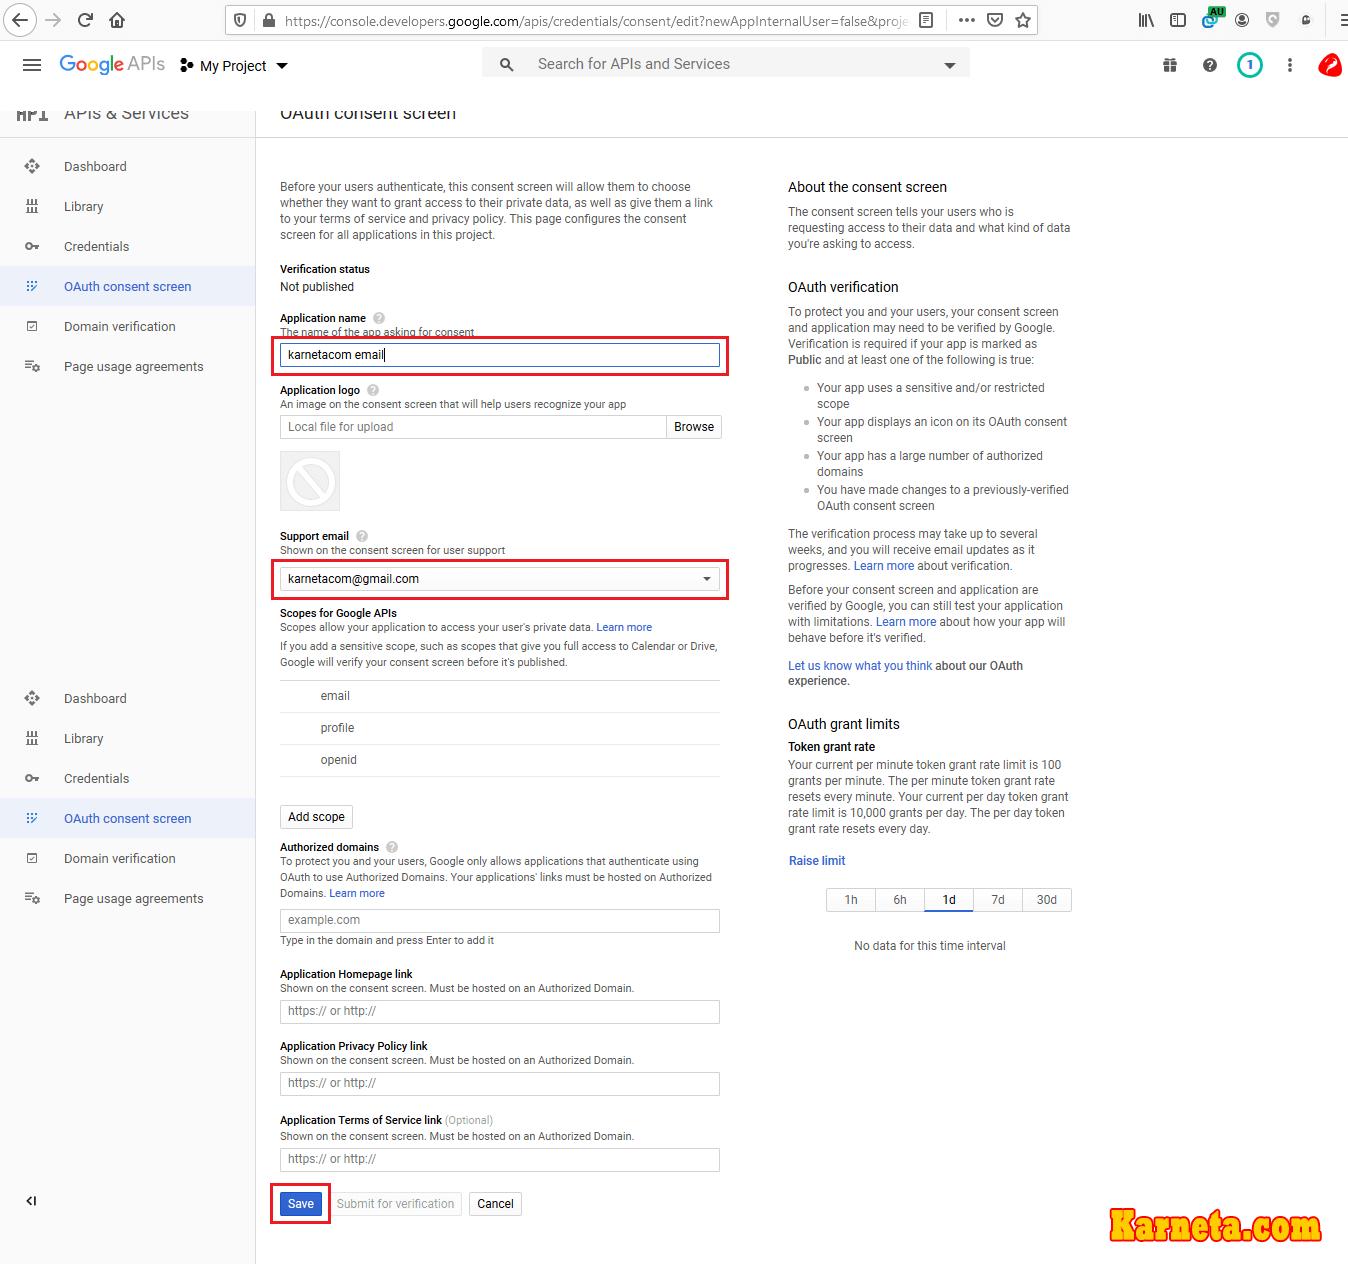 تنظیمهای کنسول گوگل